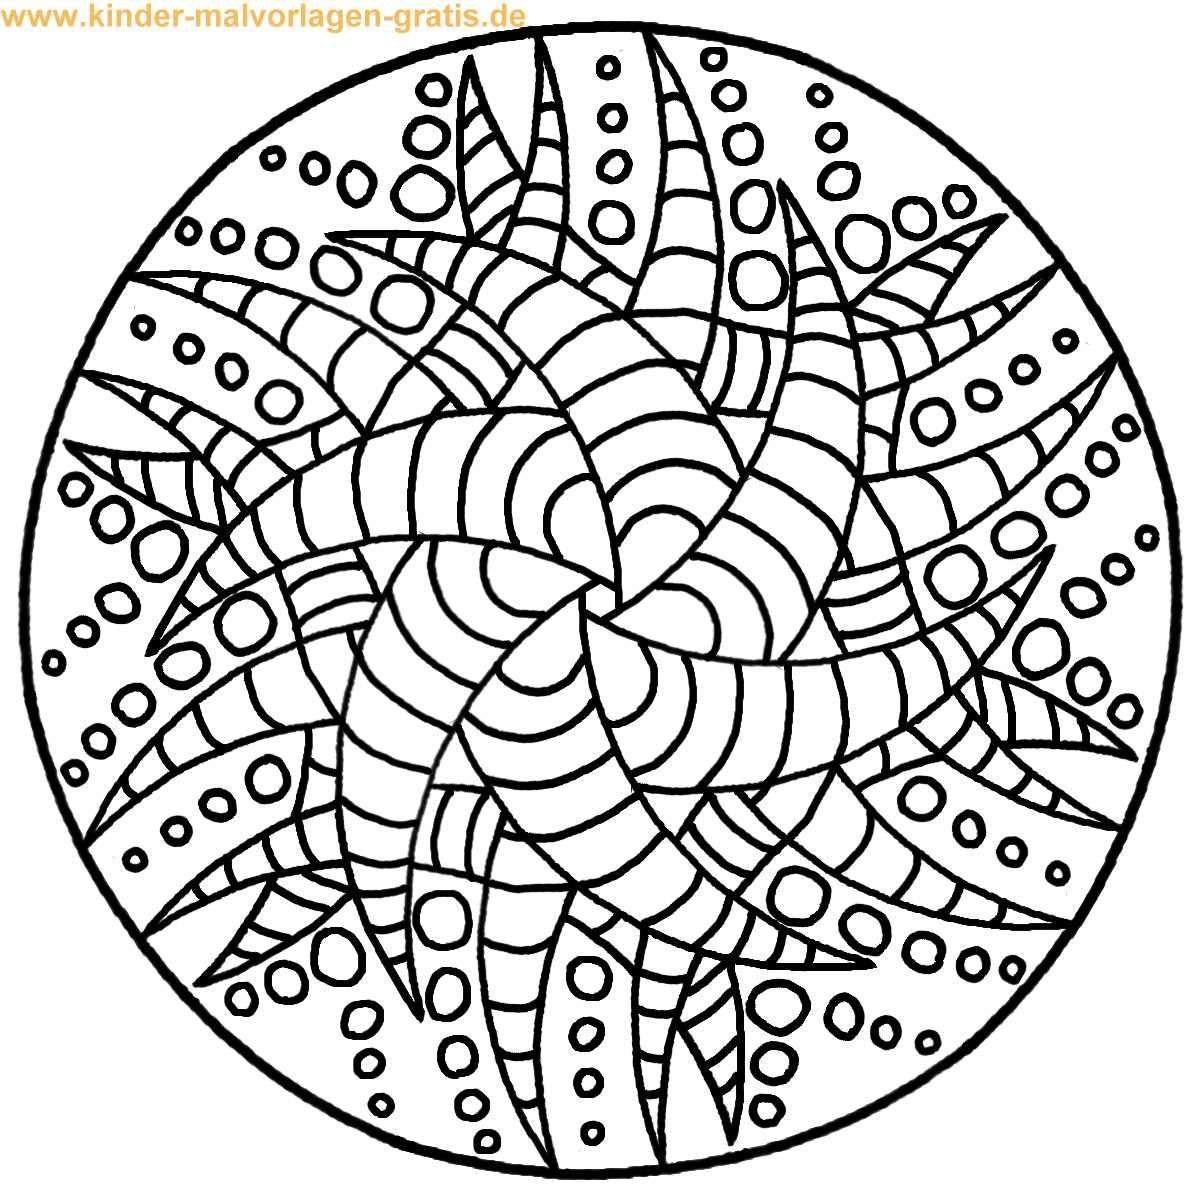 Ausmalbilder Von Mandalas Https Www Ausmalbilder Co Ausmalbilder Von Mandalas Mandala Coloring Pages Pattern Coloring Pages Mandala Coloring